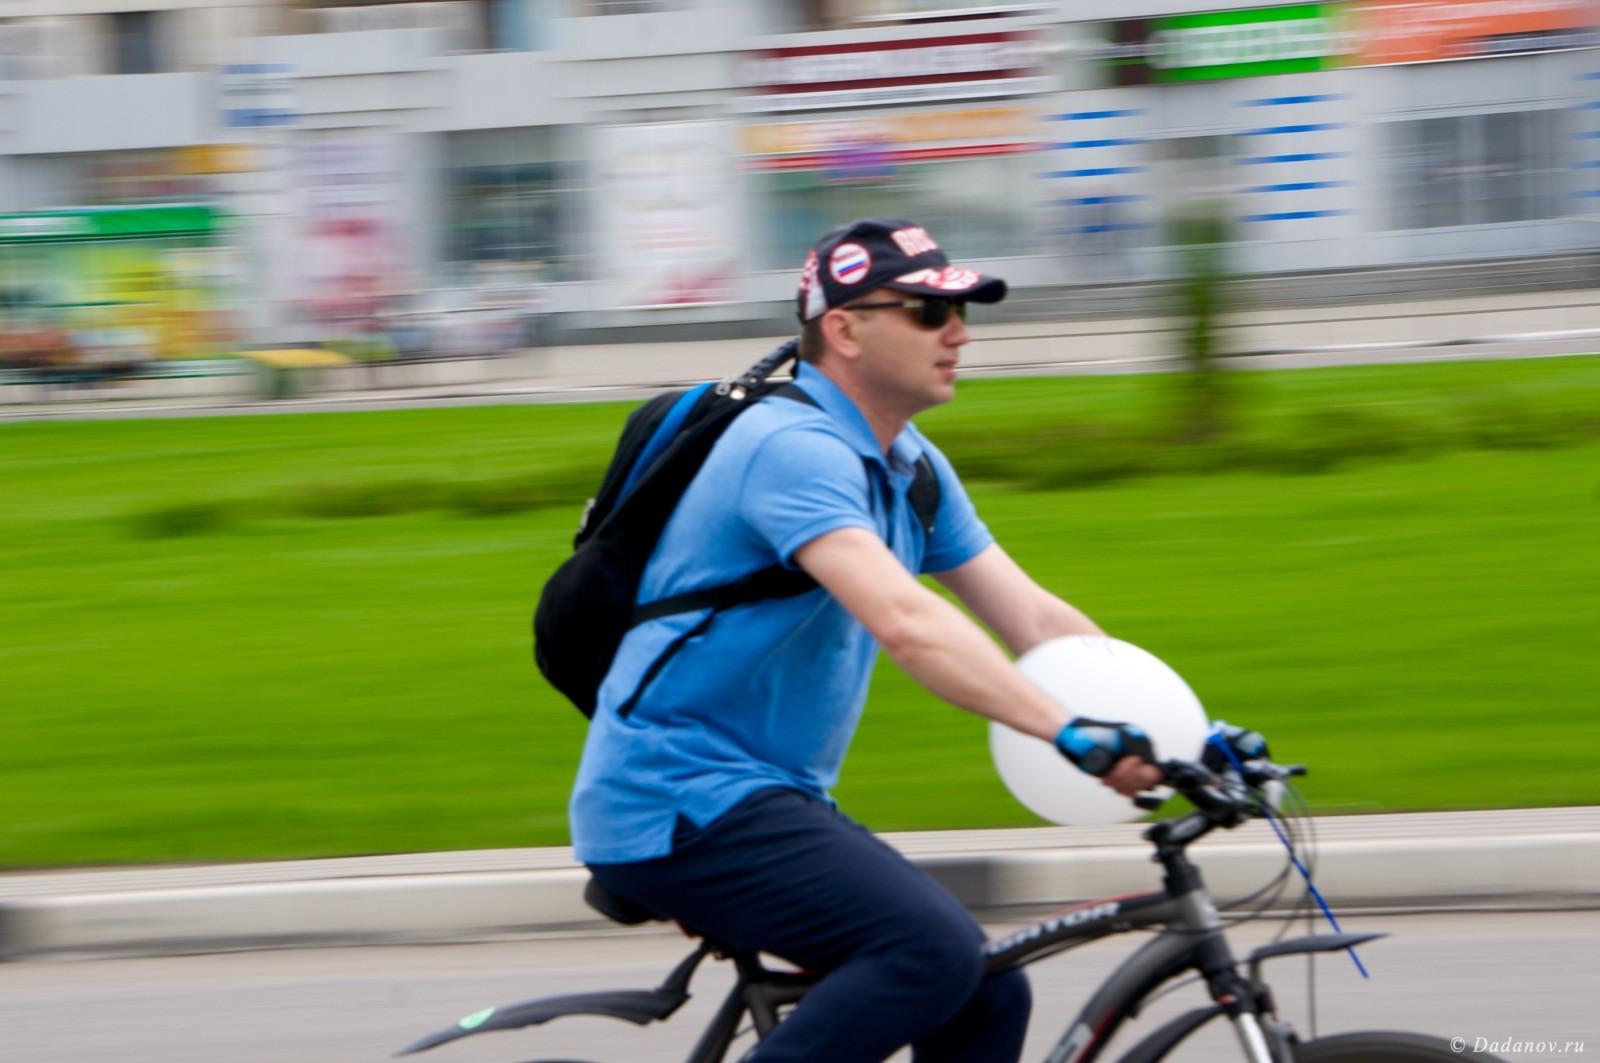 Велодень 2016 в Липецке состоялся. Фотографии с мероприятия 3026